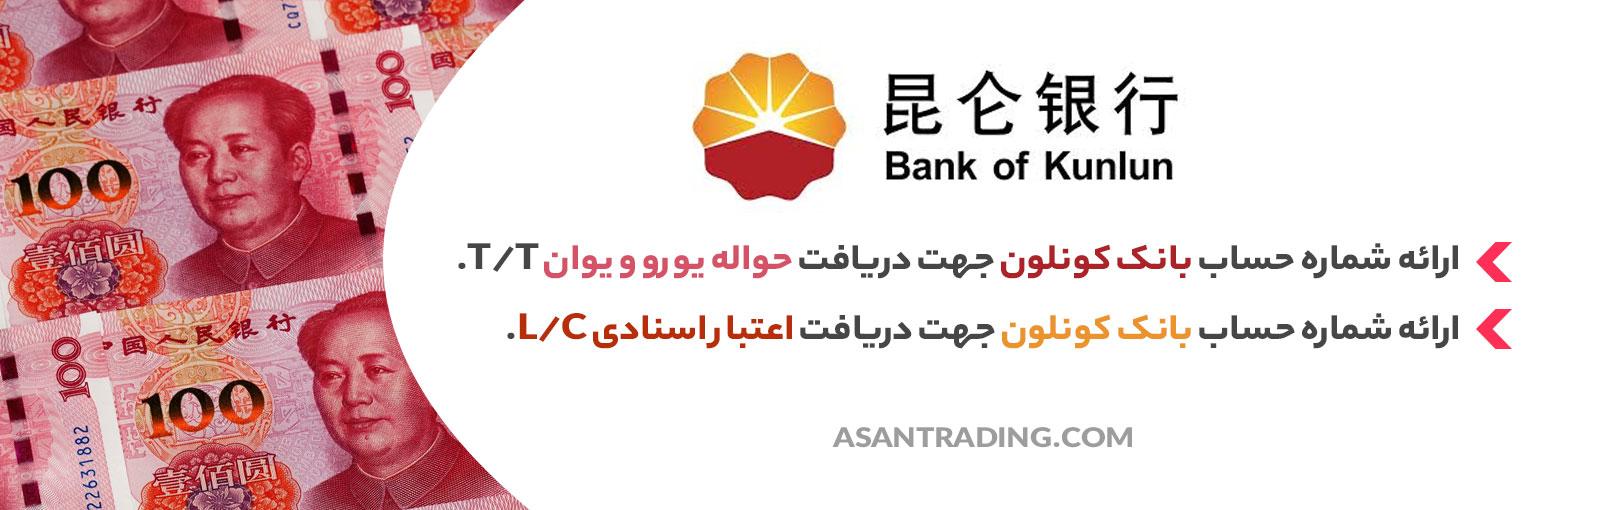 شماره حساب بانک کنلون جهت دریافت اعتبار اسنادی LC